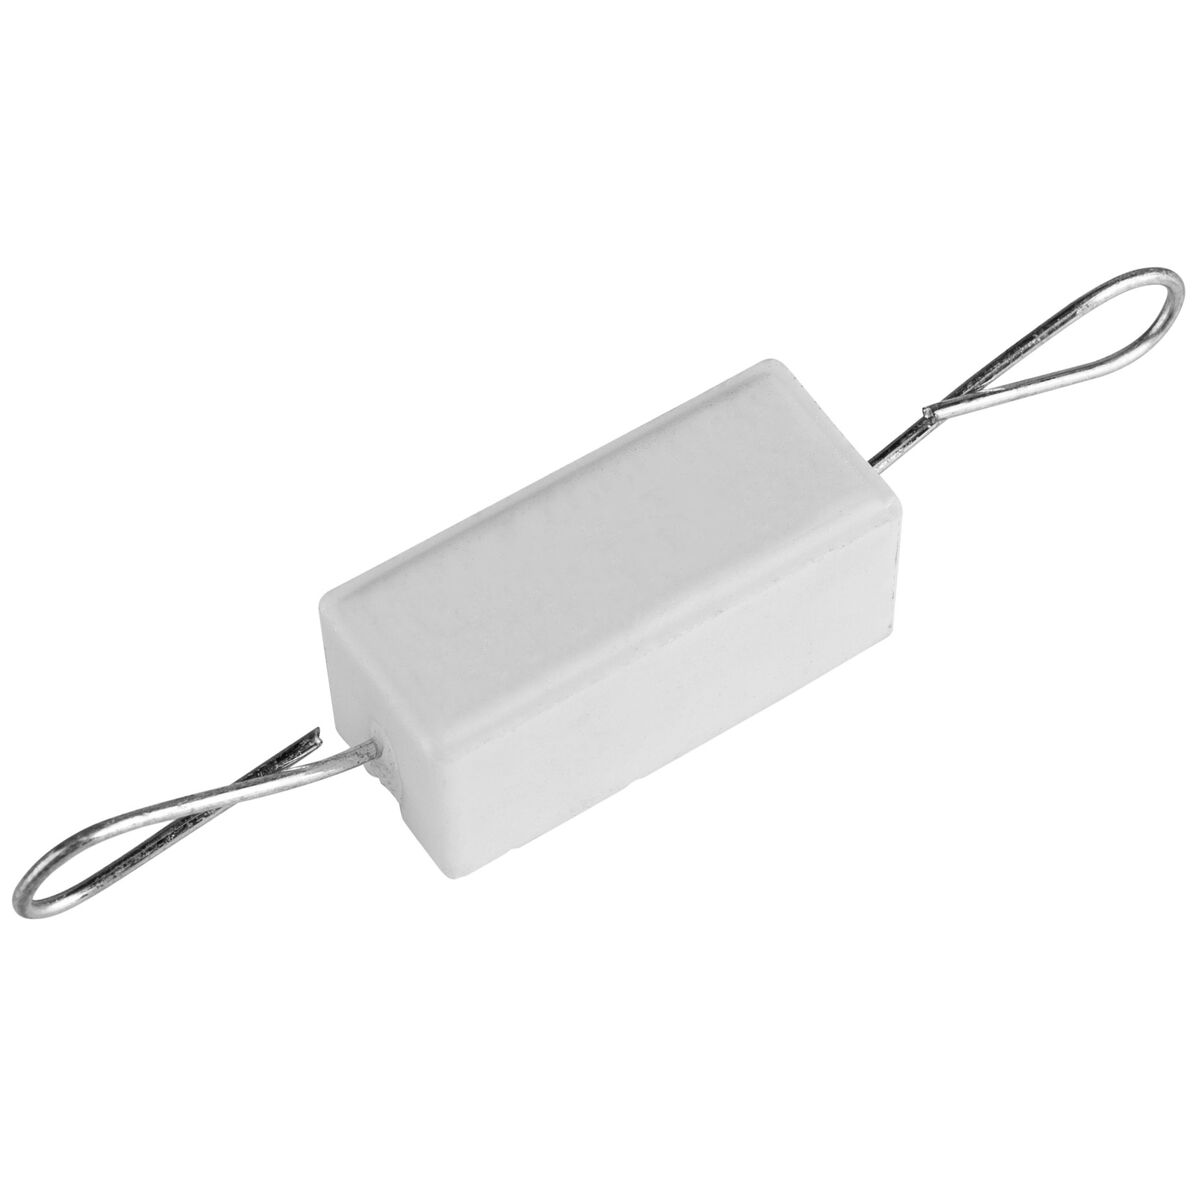 Resistance 0,33 Ohm Wire Power 5w 2 pieces